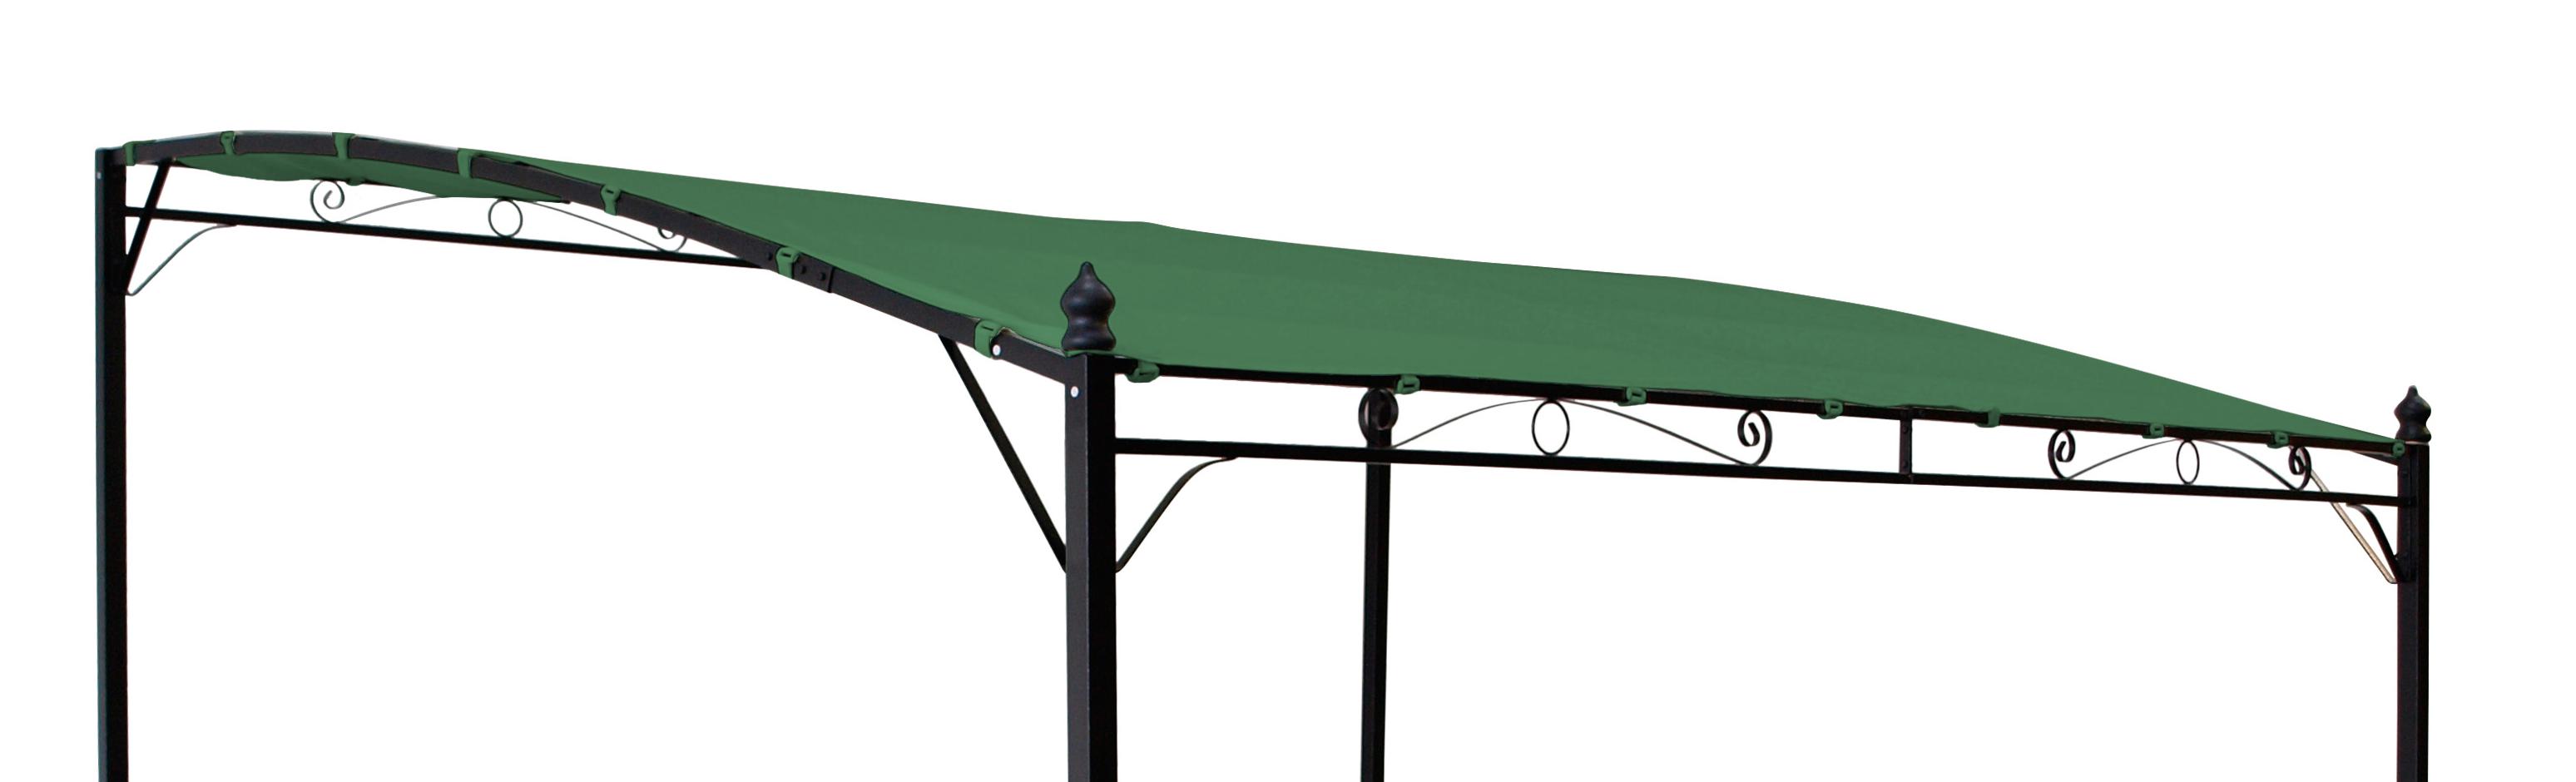 Ersatzdach für Anbaupavillon MANTOVA, PVC-beschichtet dunkelgrün